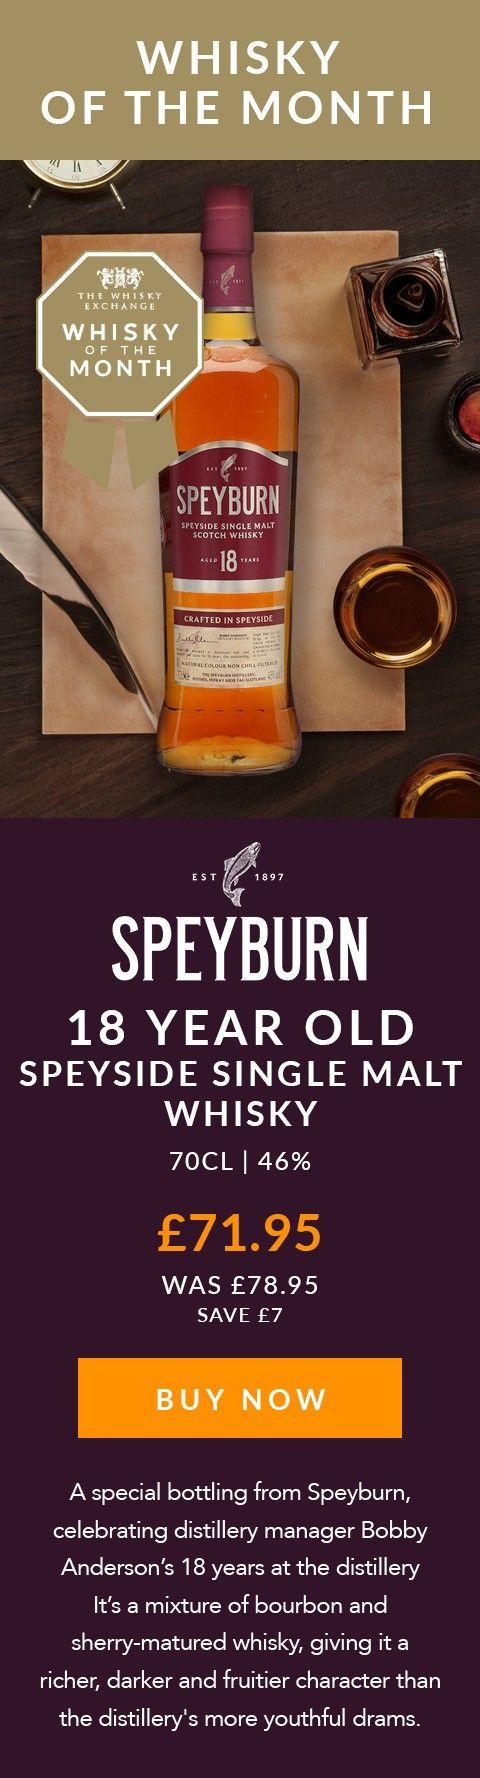 Speyburn 18 Year Old